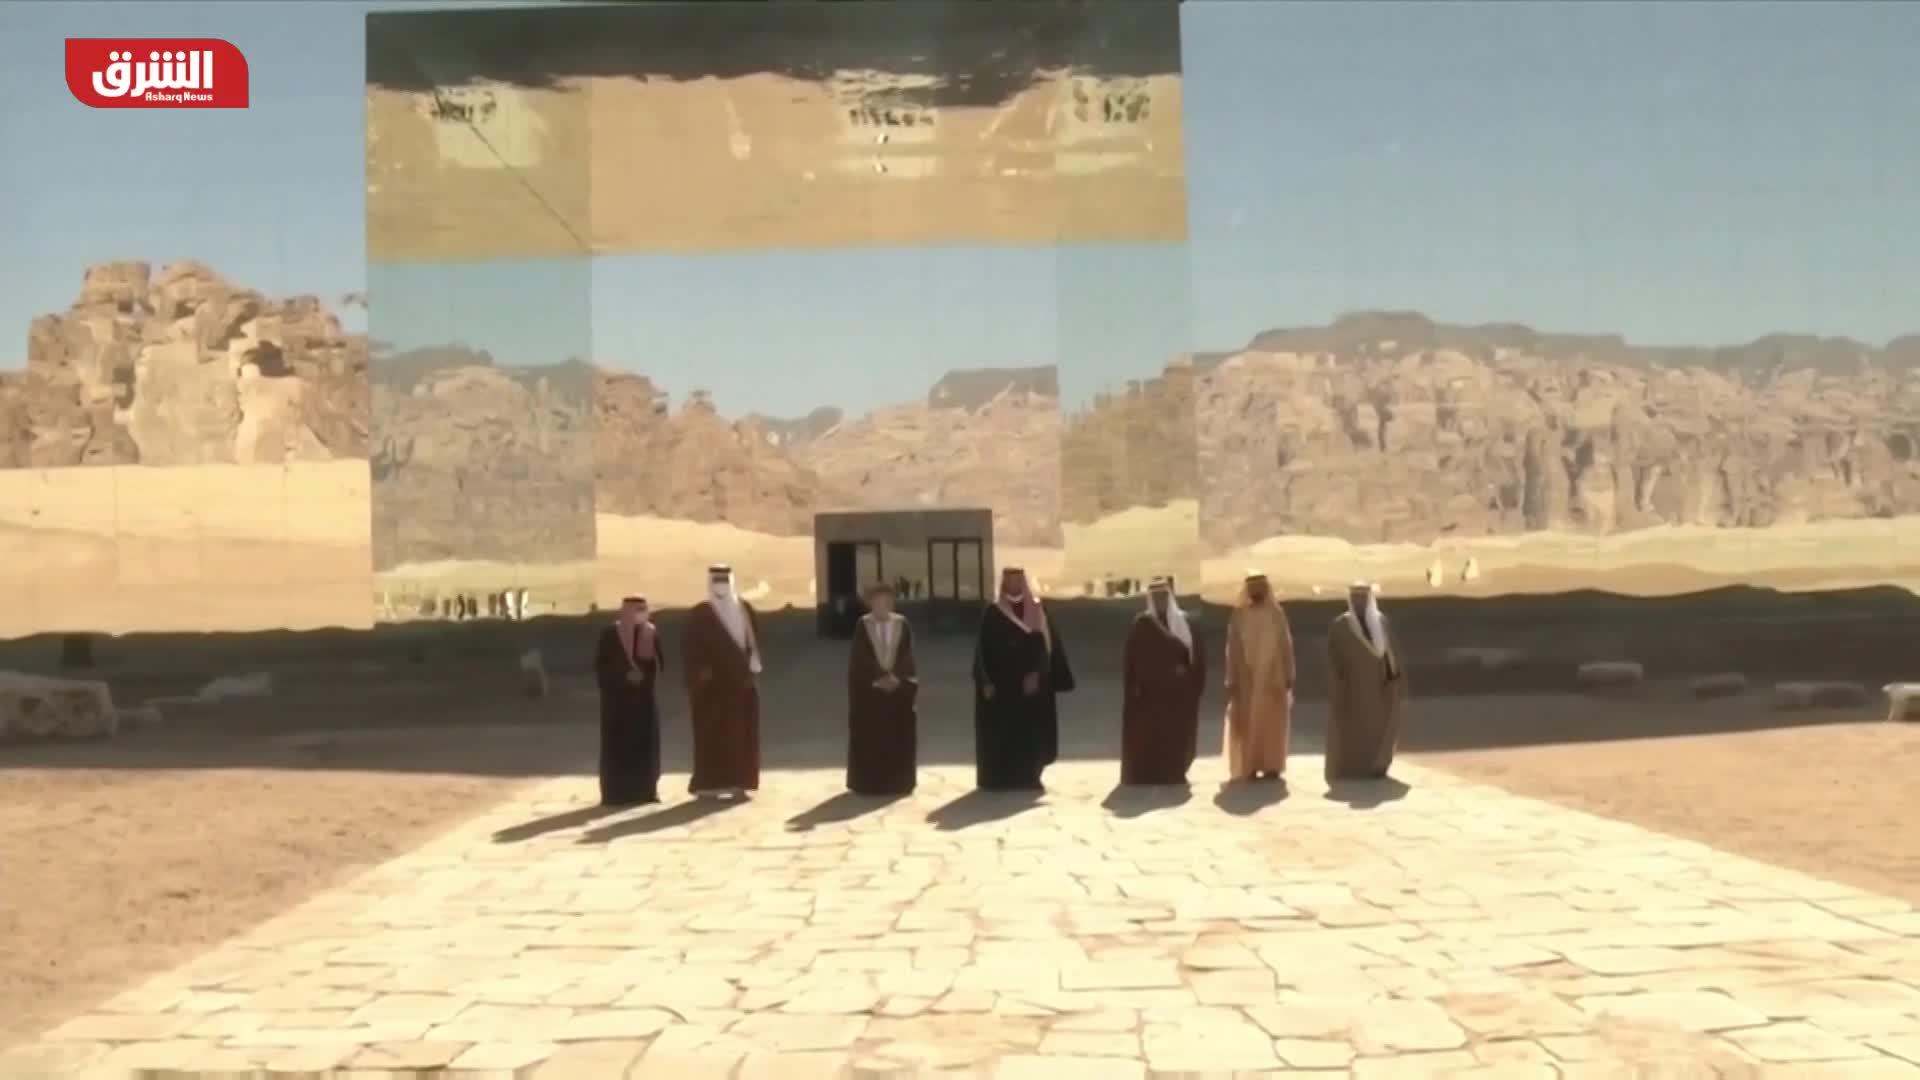 جيك سوليفان في جولة شرق أوسطية.. إيران واليمن ضمن ملفاته